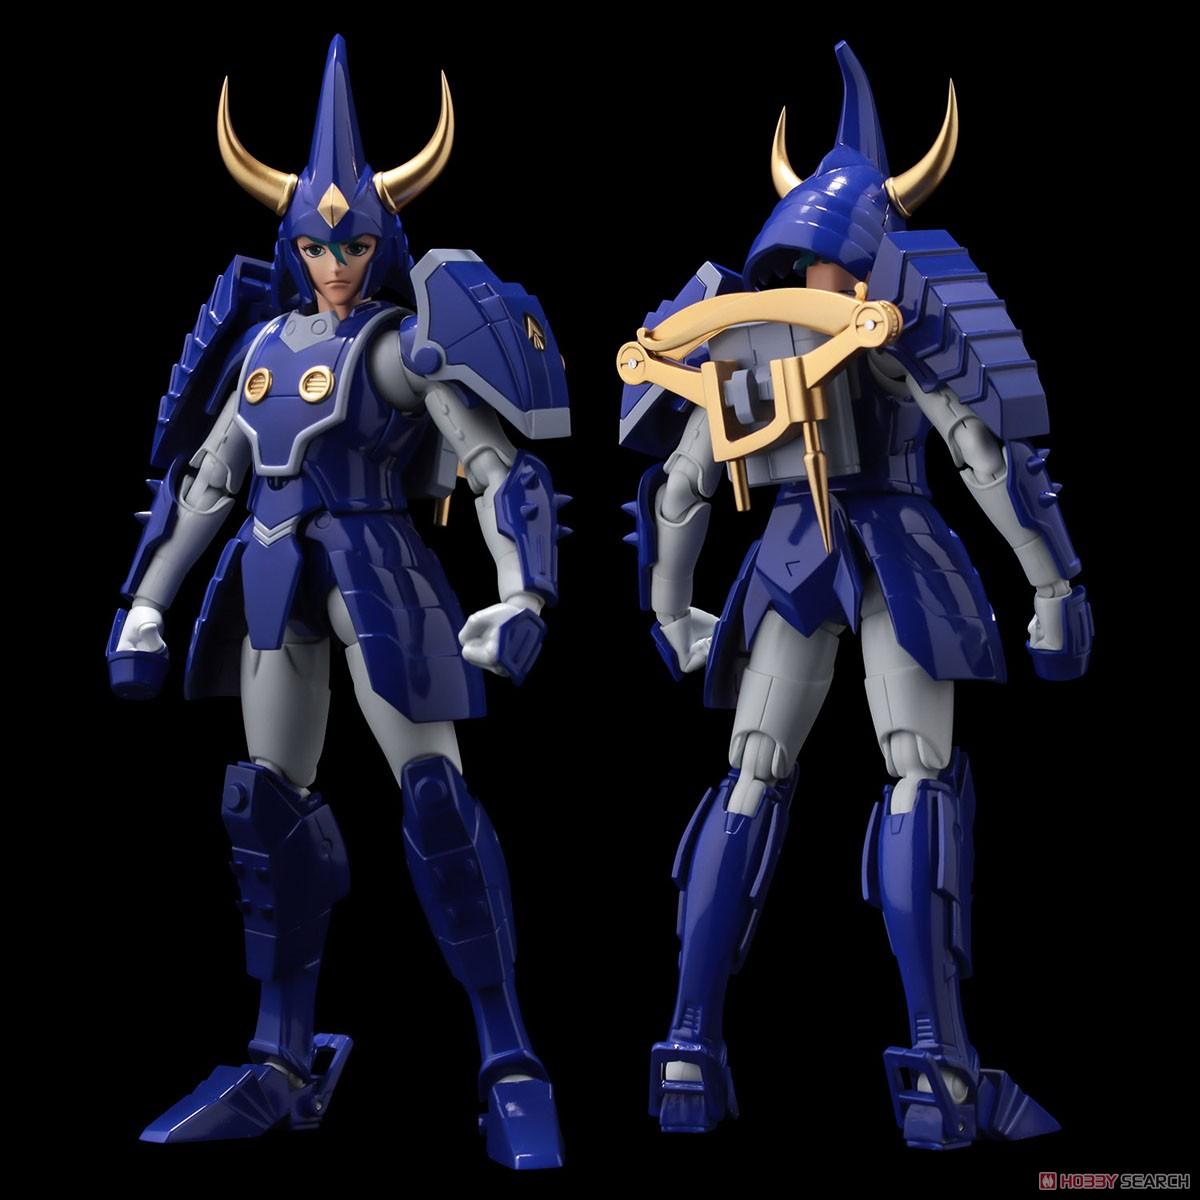 超弾可動『天空のトウマ』鎧伝サムライトルーパー 可動フィギュア-002